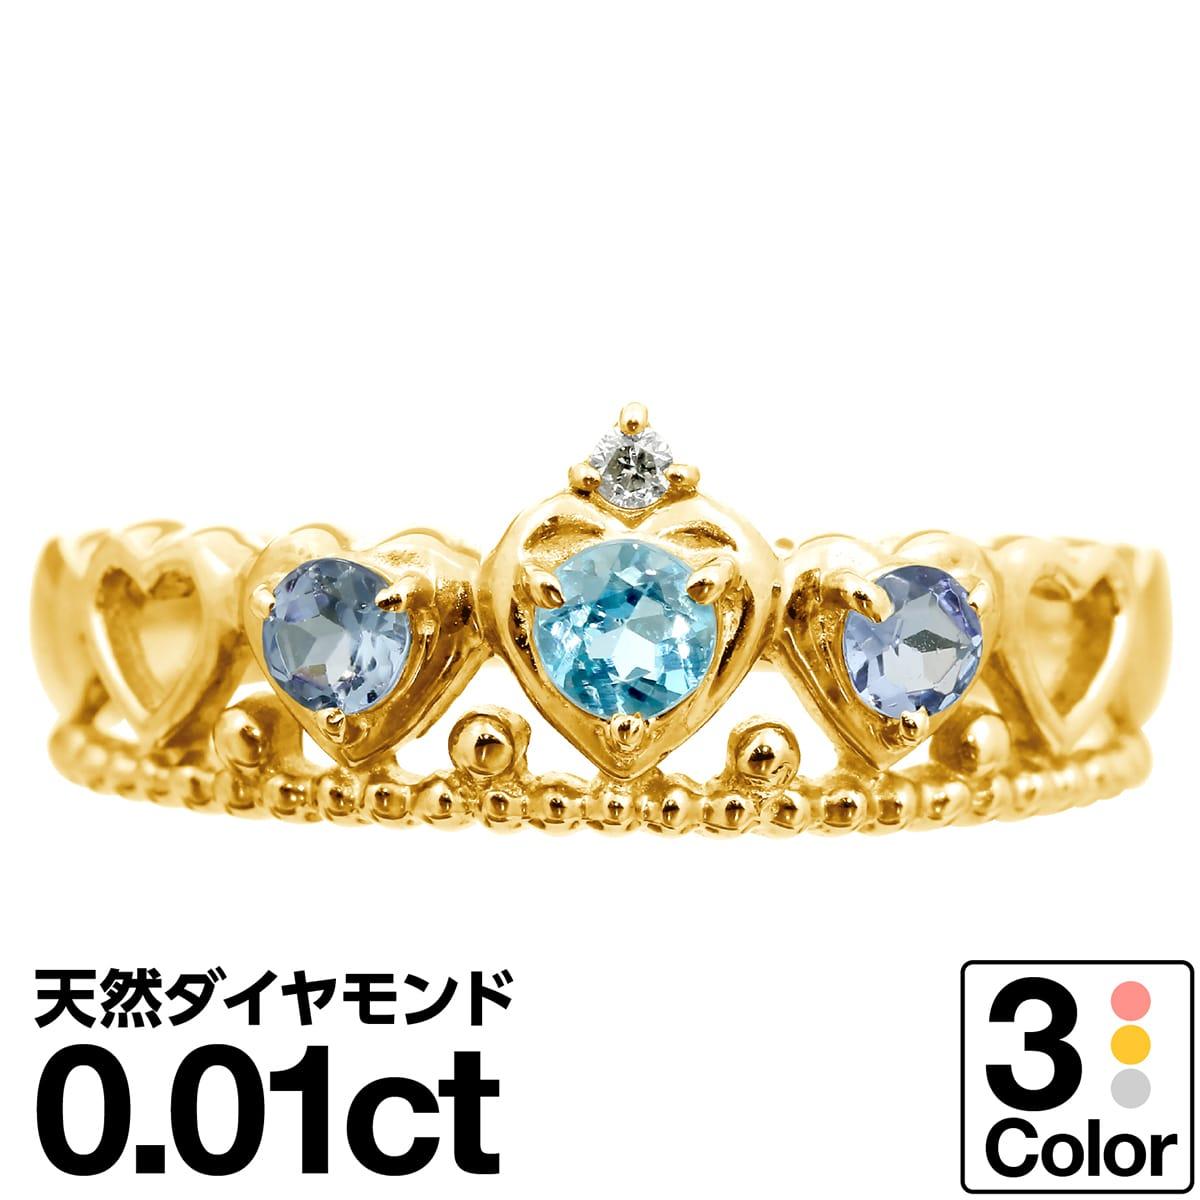 ダイヤモンド ブルートパーズ アイオライト リング k10 イエローゴールド/ホワイトゴールド/ピンクゴールド ファッションリング 日本製 誕生日 ギフト